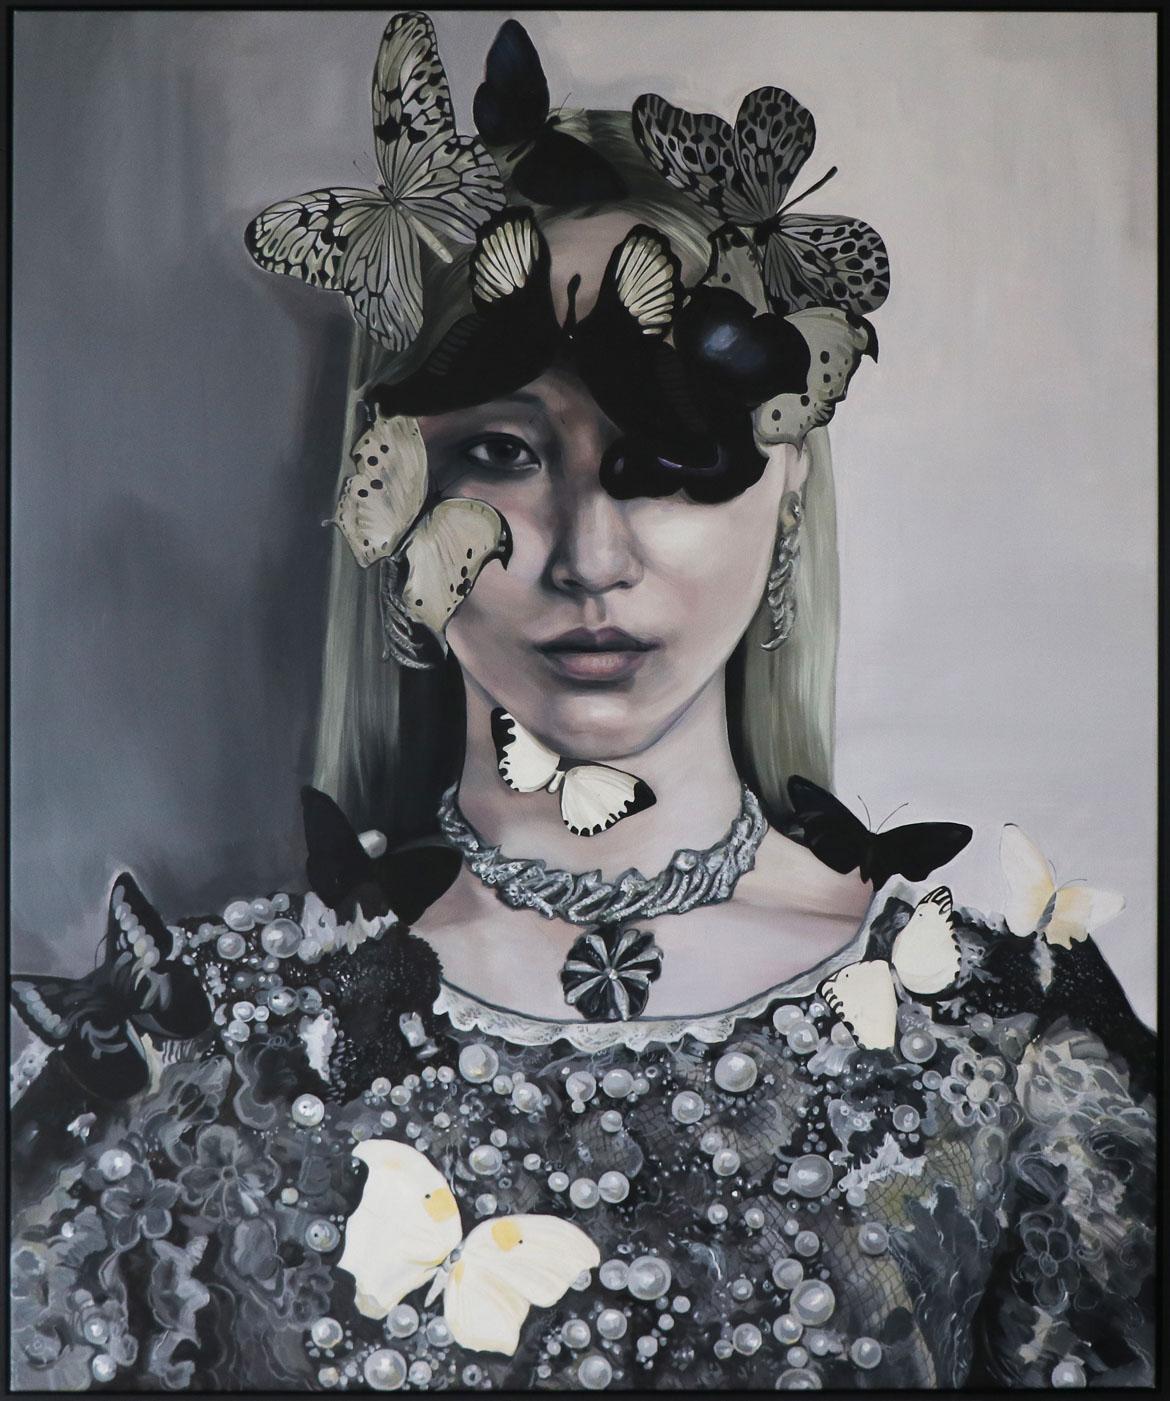 art by ib noir